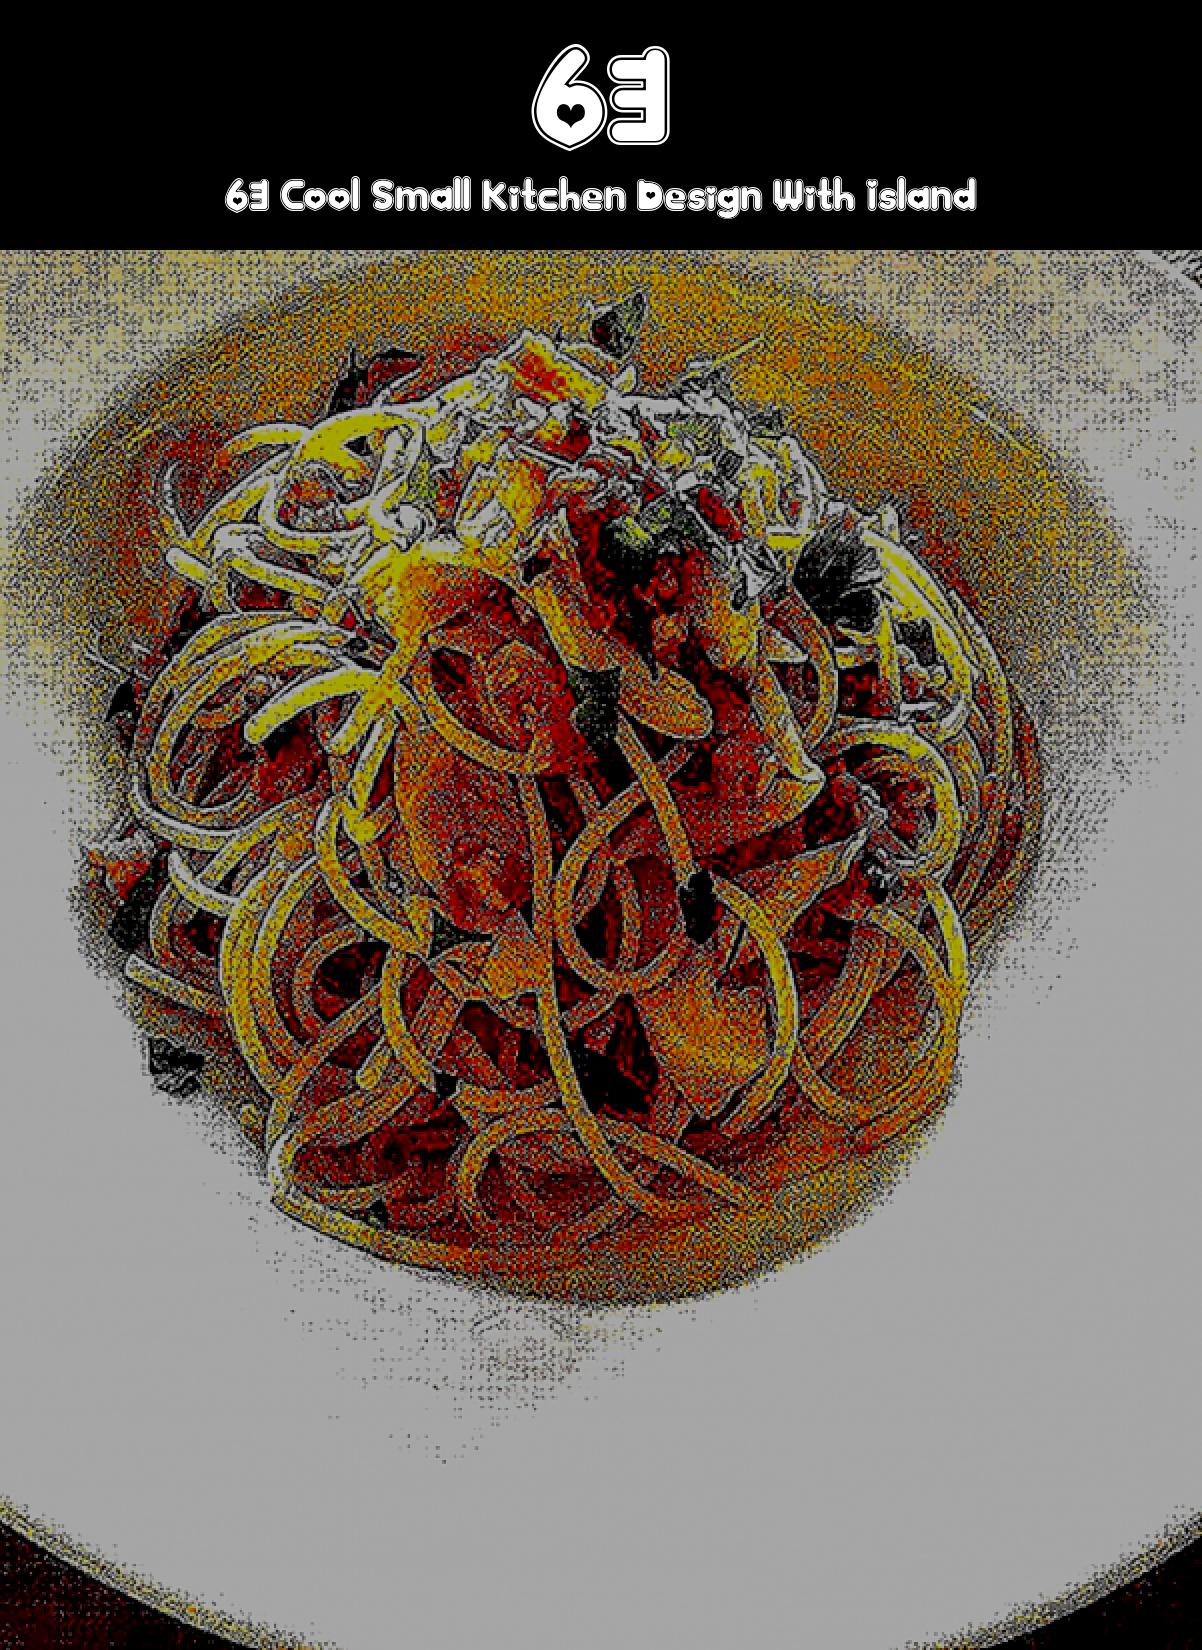 蛸のラグースパゲッティ😋  spaghetti al ragu di polpi  #ロステリア#オステリア#パスタ#芦屋#芦屋ランチ#昼飲み#隠れ家#イタリアン#イタリア好き#イタリア郷土料理#イタリア料理#ローマ料理#ワインバー#芦屋グルメ#スタッフ募集中#ワイン好き#ワイン酒場 #losteria#cucina#cucinaromana#food#pasta#italian#osteria#ashiya#vino#lunch #beaut #travelphotography #pattern #trip #diycrafts <->#Cucina